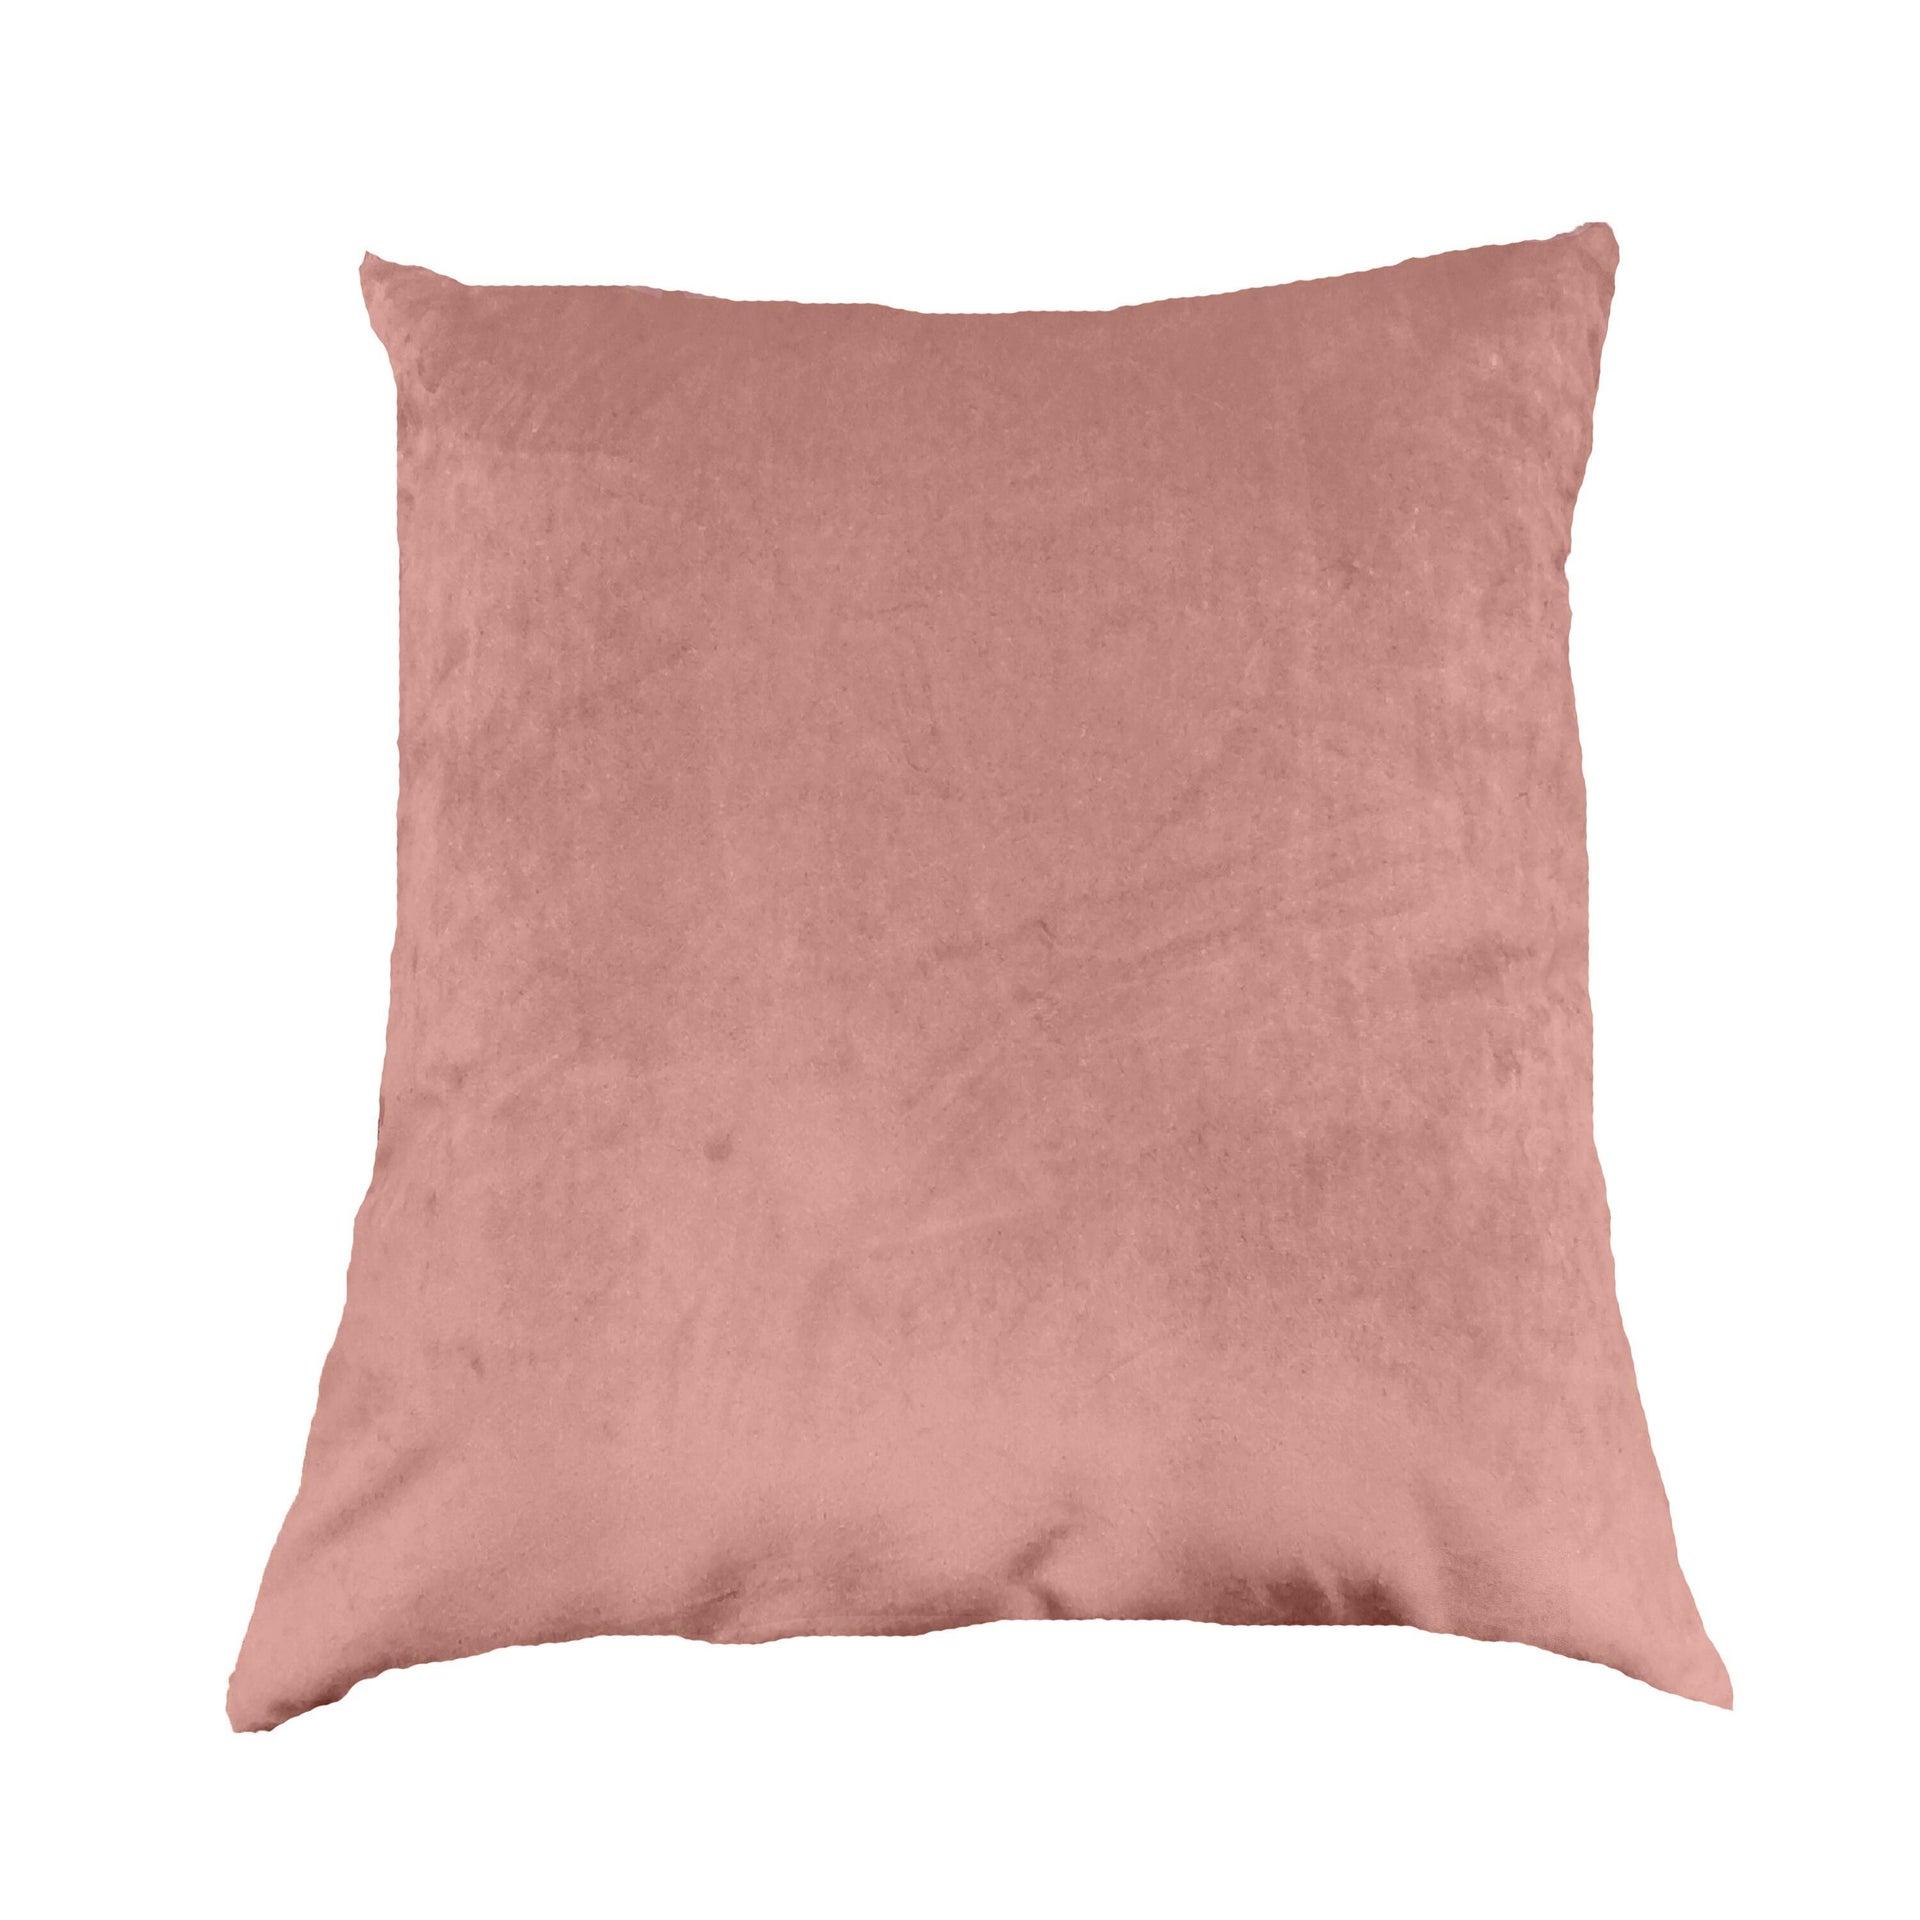 Cuscino INSPIRE Tony rosa 45x45 cm - 4